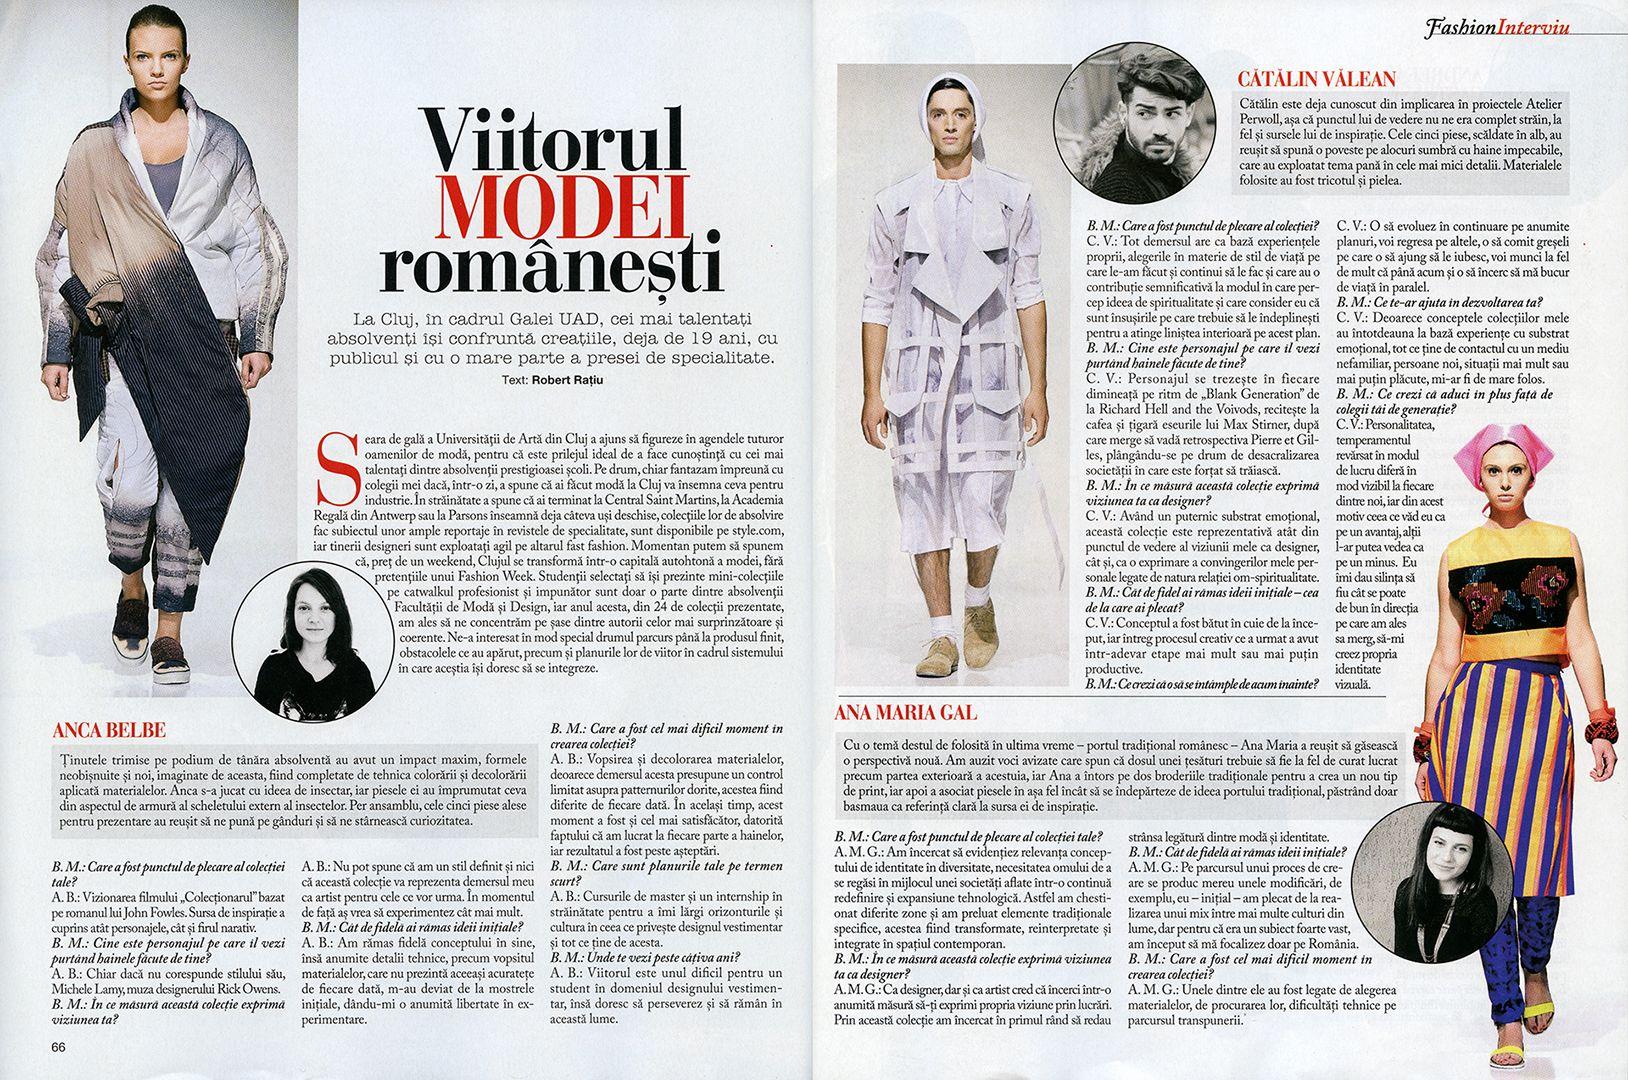 Gala UAD 2013 - Beau Monde Magazine (September 2013) - 2/3